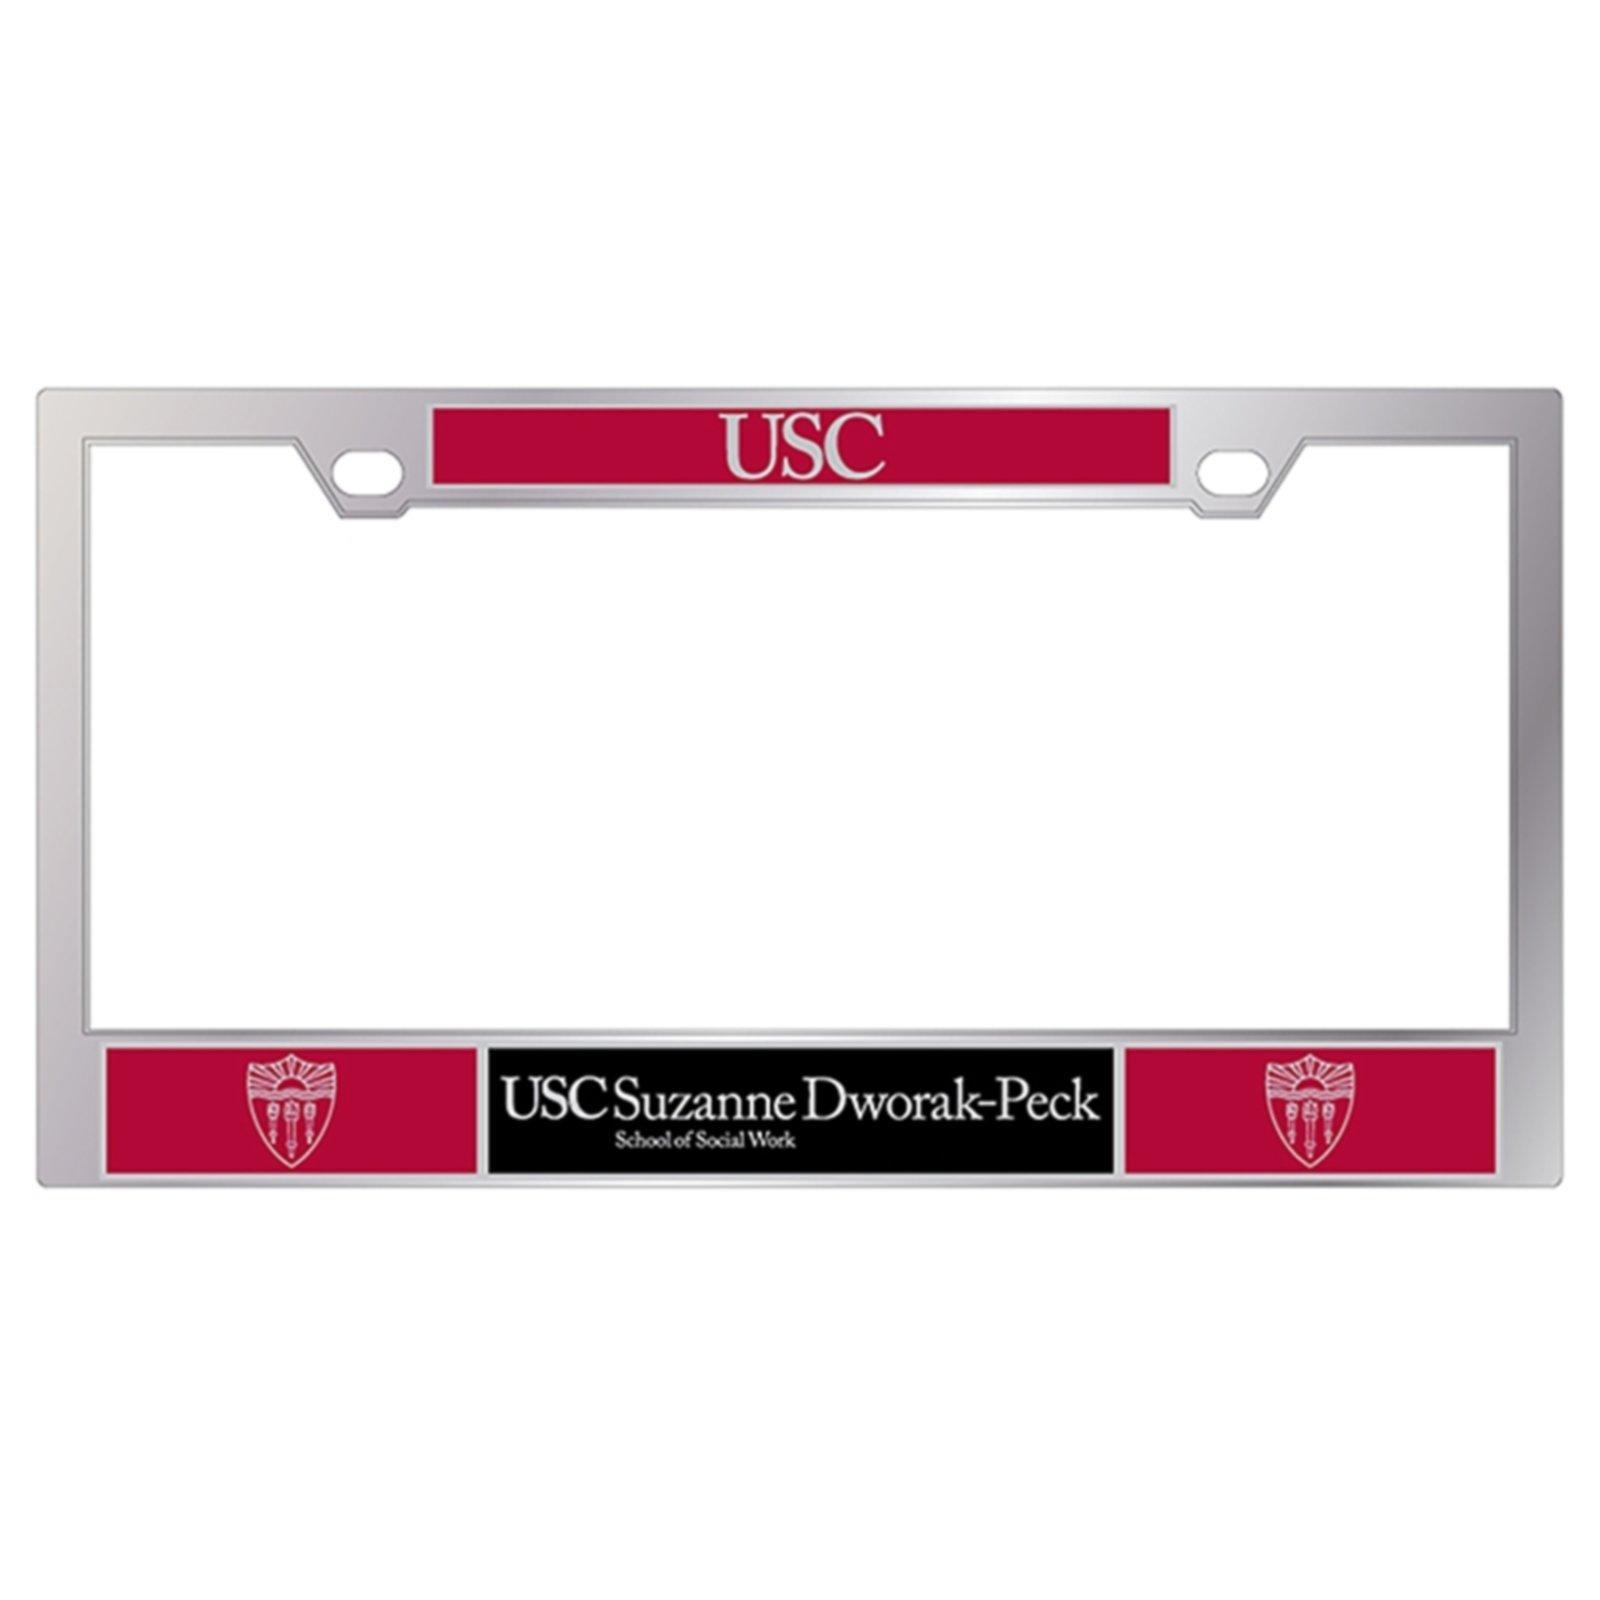 USC SOCIAL WORK LICENSE PLATE FRAME